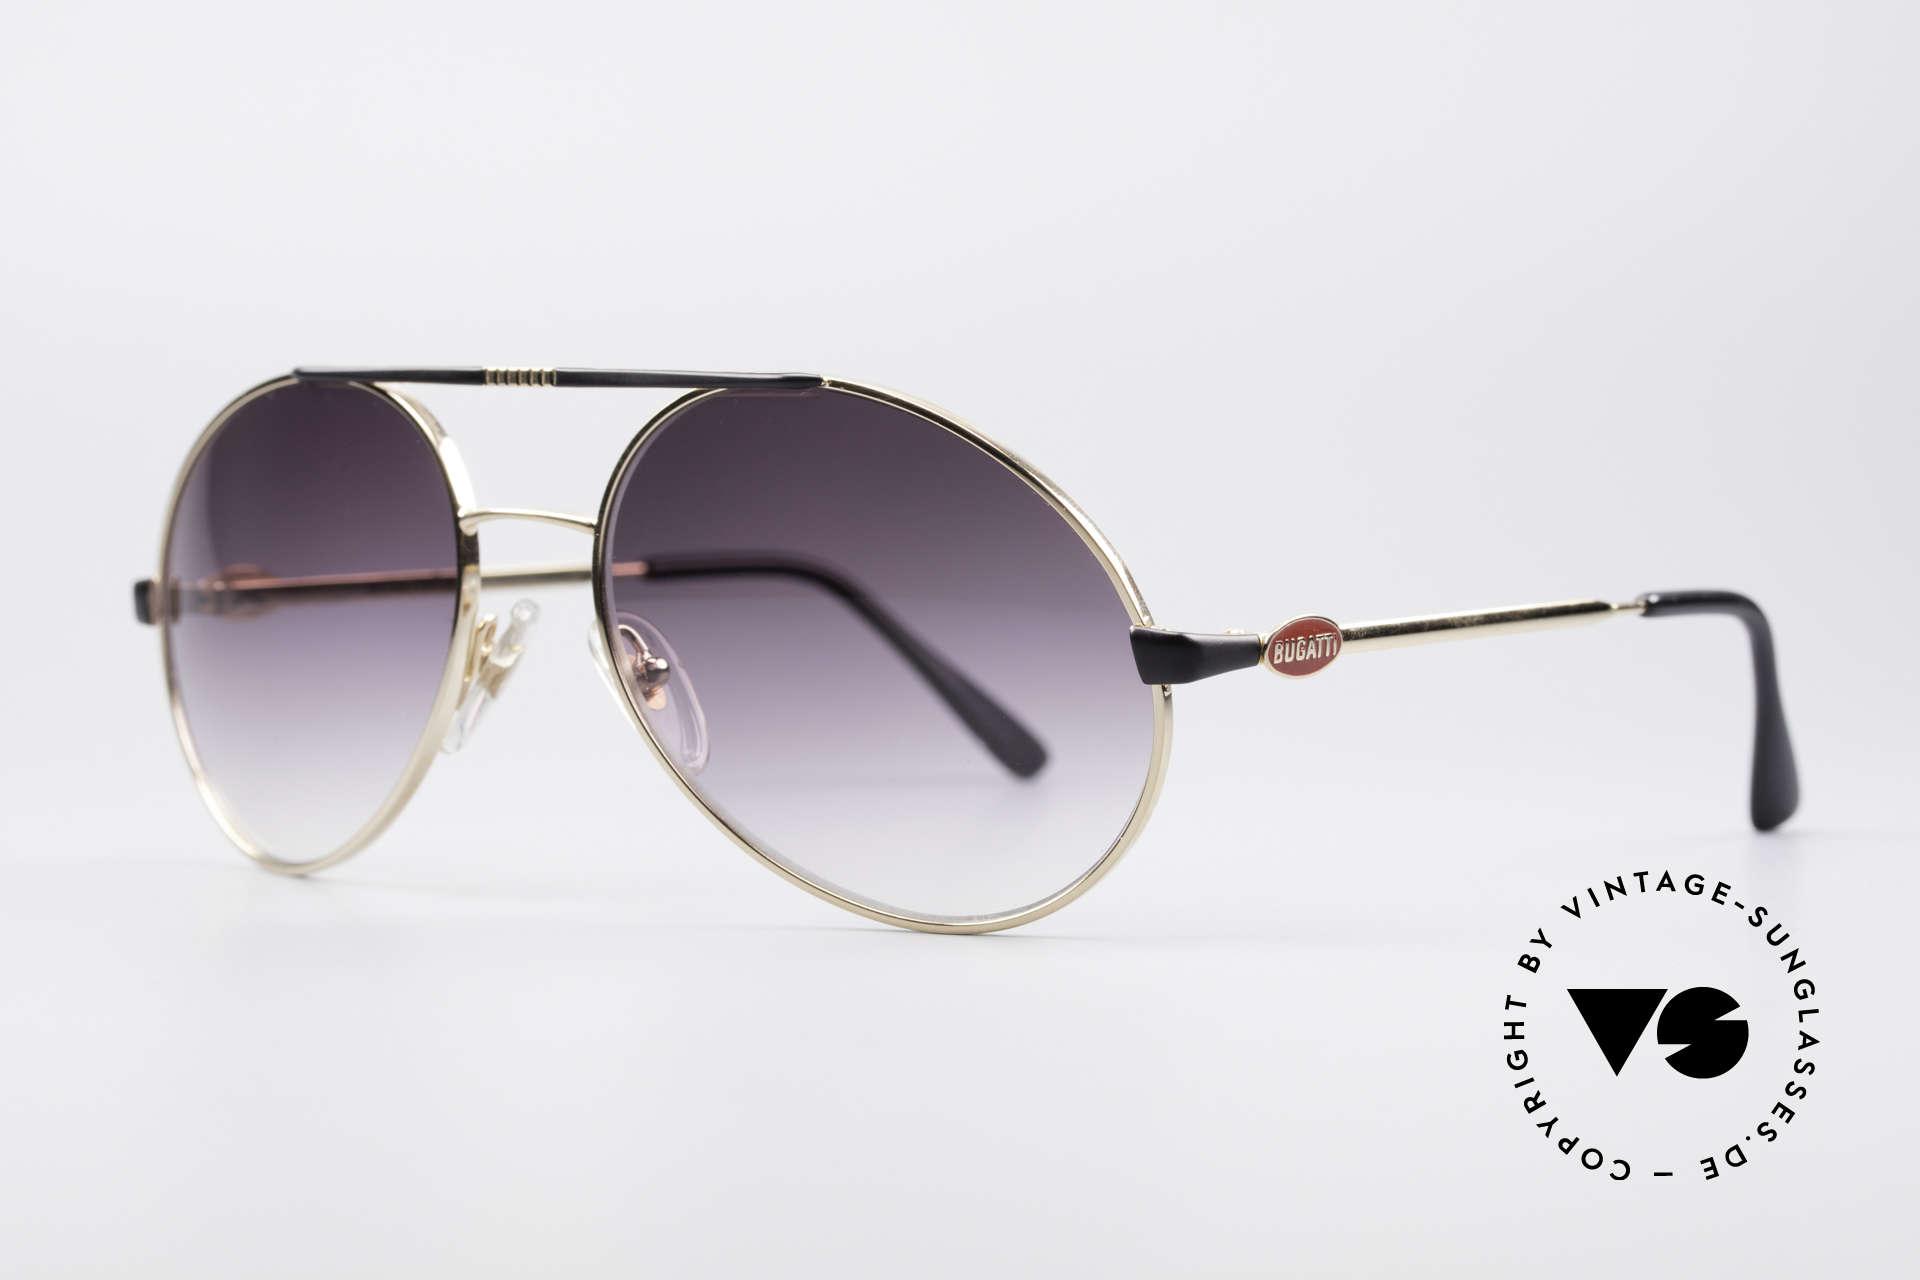 Bugatti 65837 80er Luxus Vintage Brille, Original von 1984; perfekt für den aparten Gentleman, Passend für Herren